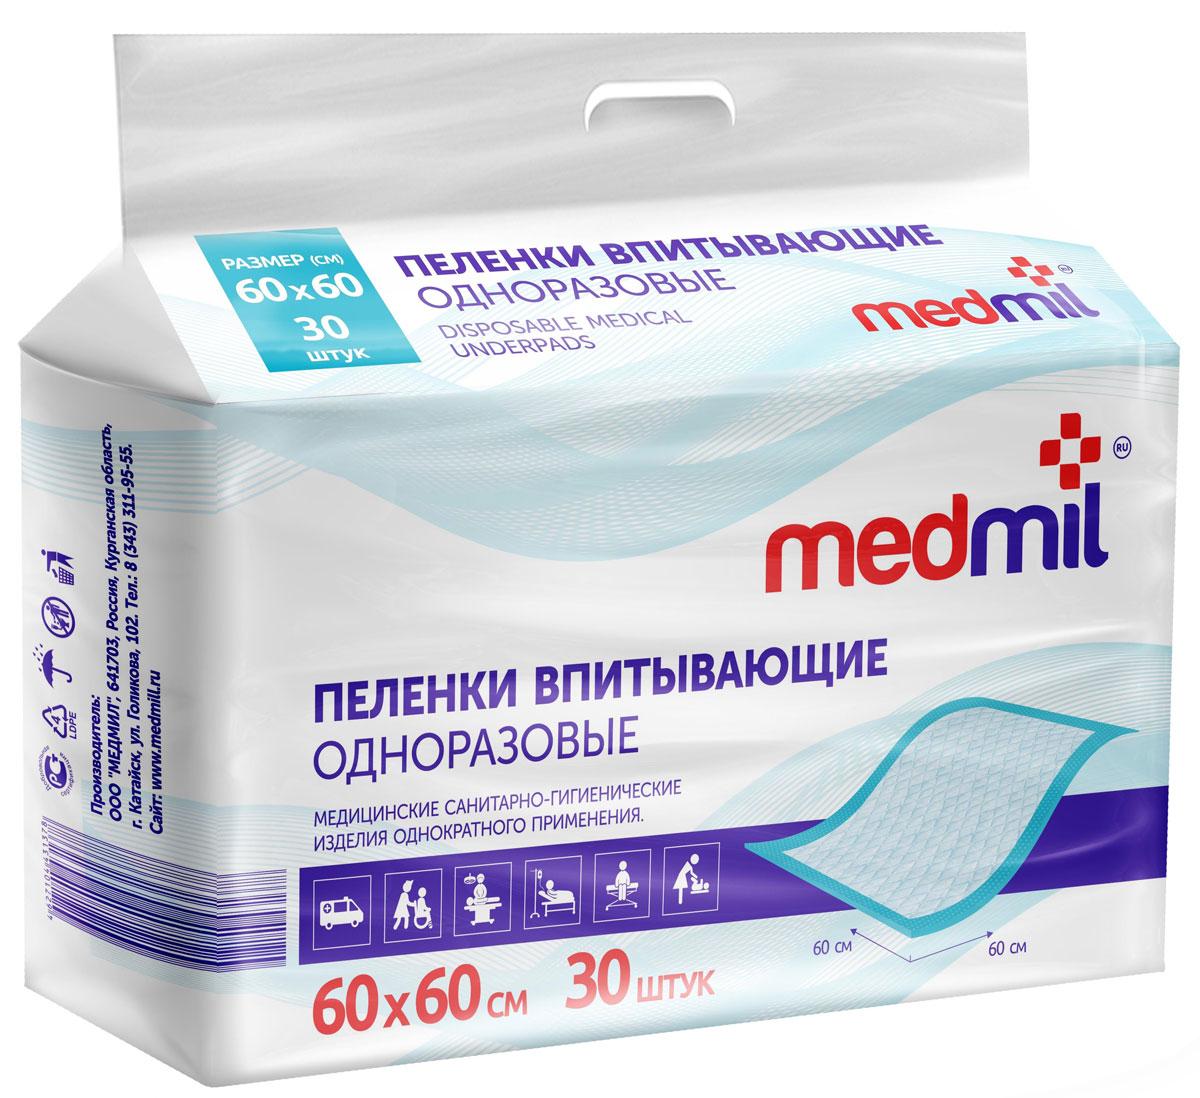 Пеленка впитывающая одноразовая Medmil Оптима 60 х 60 см, 30 шт60 МО П2 30 Г 120Пелёнки защищают постельное бельё от промокания, а кожу пациента от мацераций и пролежней. Облегчают уход, повышают комфорт для пациента. Пелёнки Медмил не уступают лучшим импортным аналогам.